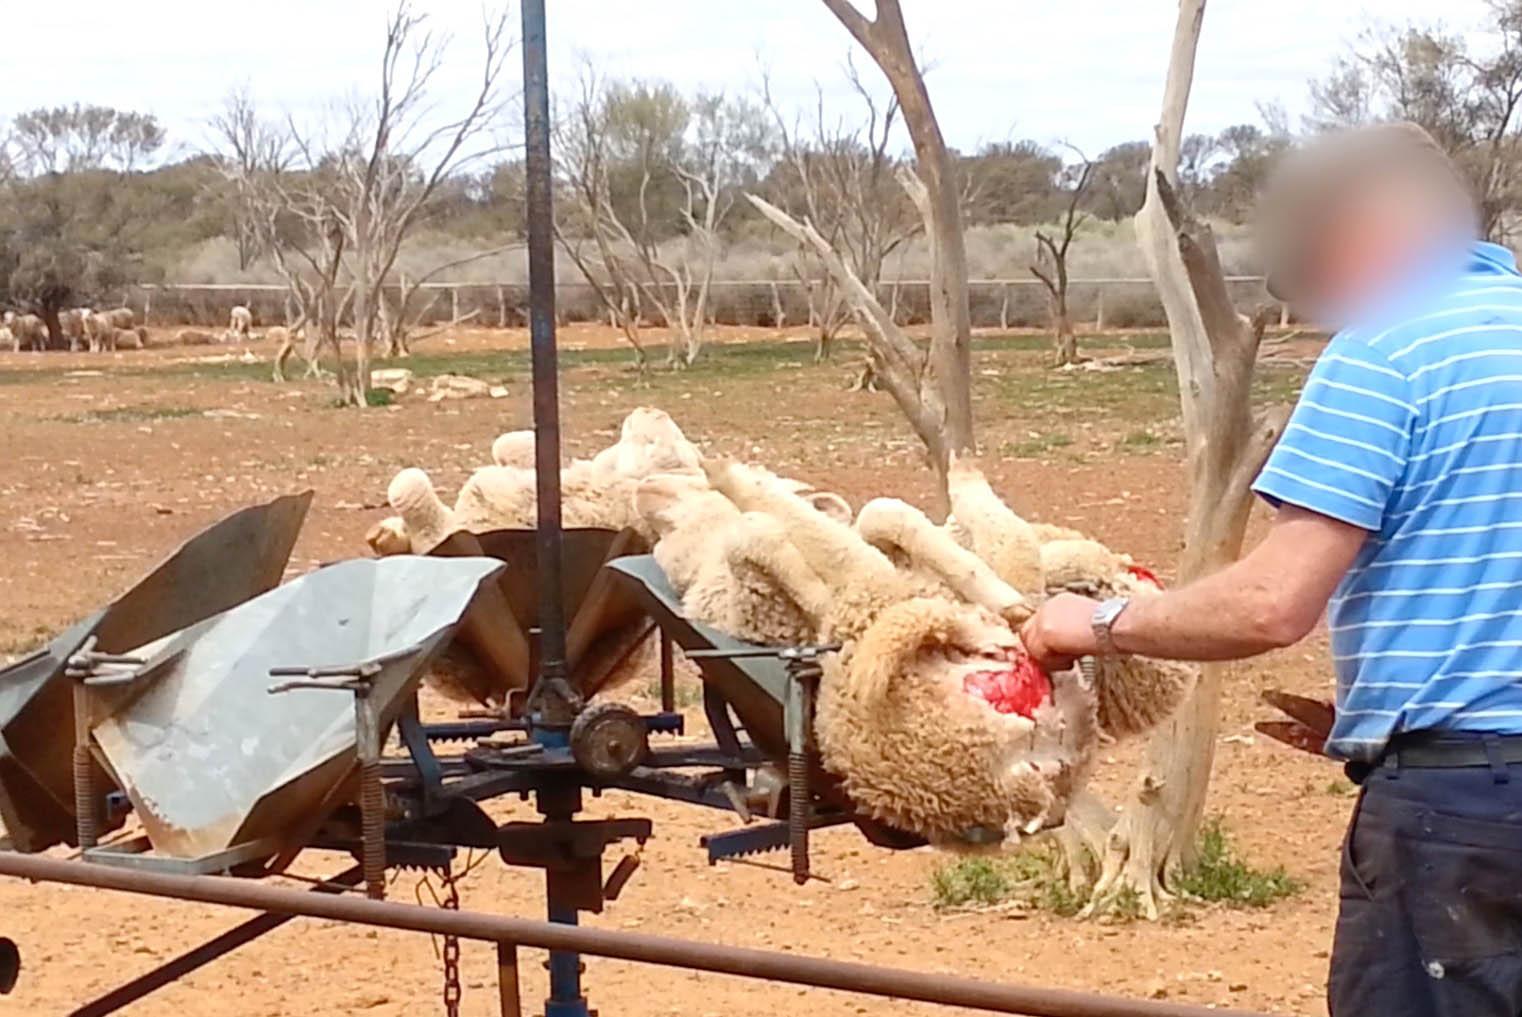 Mulesing: Schafe für Merinowolle lebendig verstümmelt